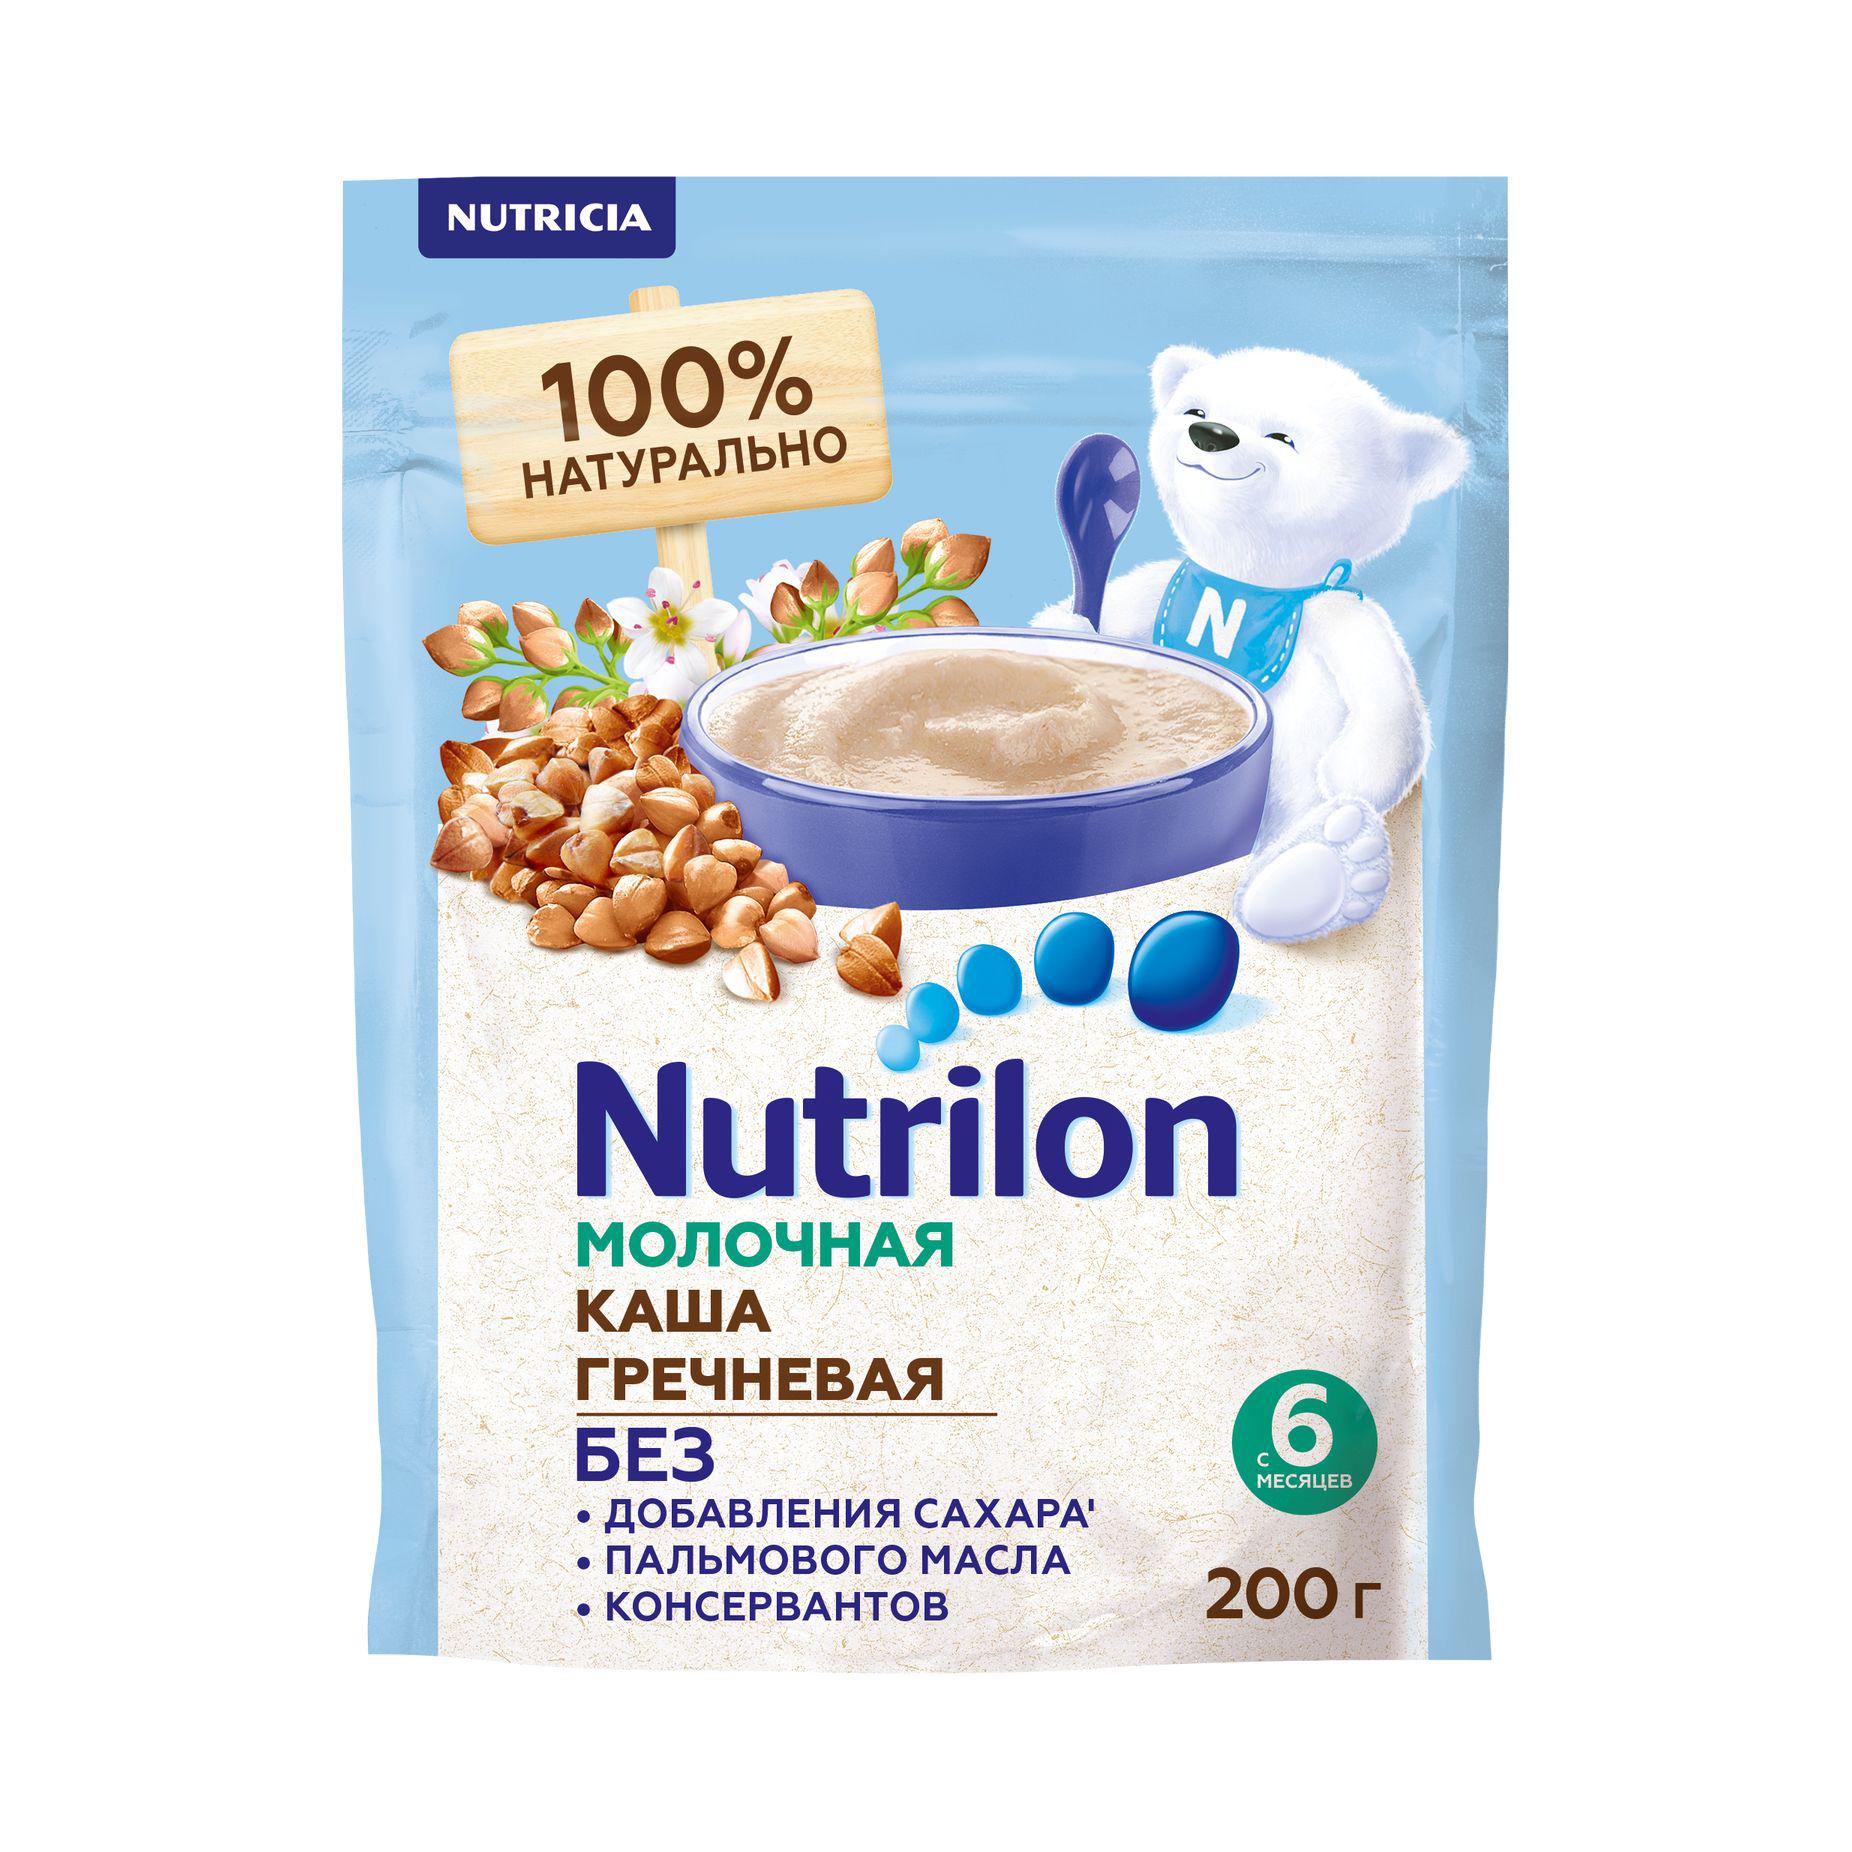 Фото - Каша Nutrilon молочная гречневая с 6 месяцев 200 г каша nutrilon молочная гречневая с 6 месяцев 200 г